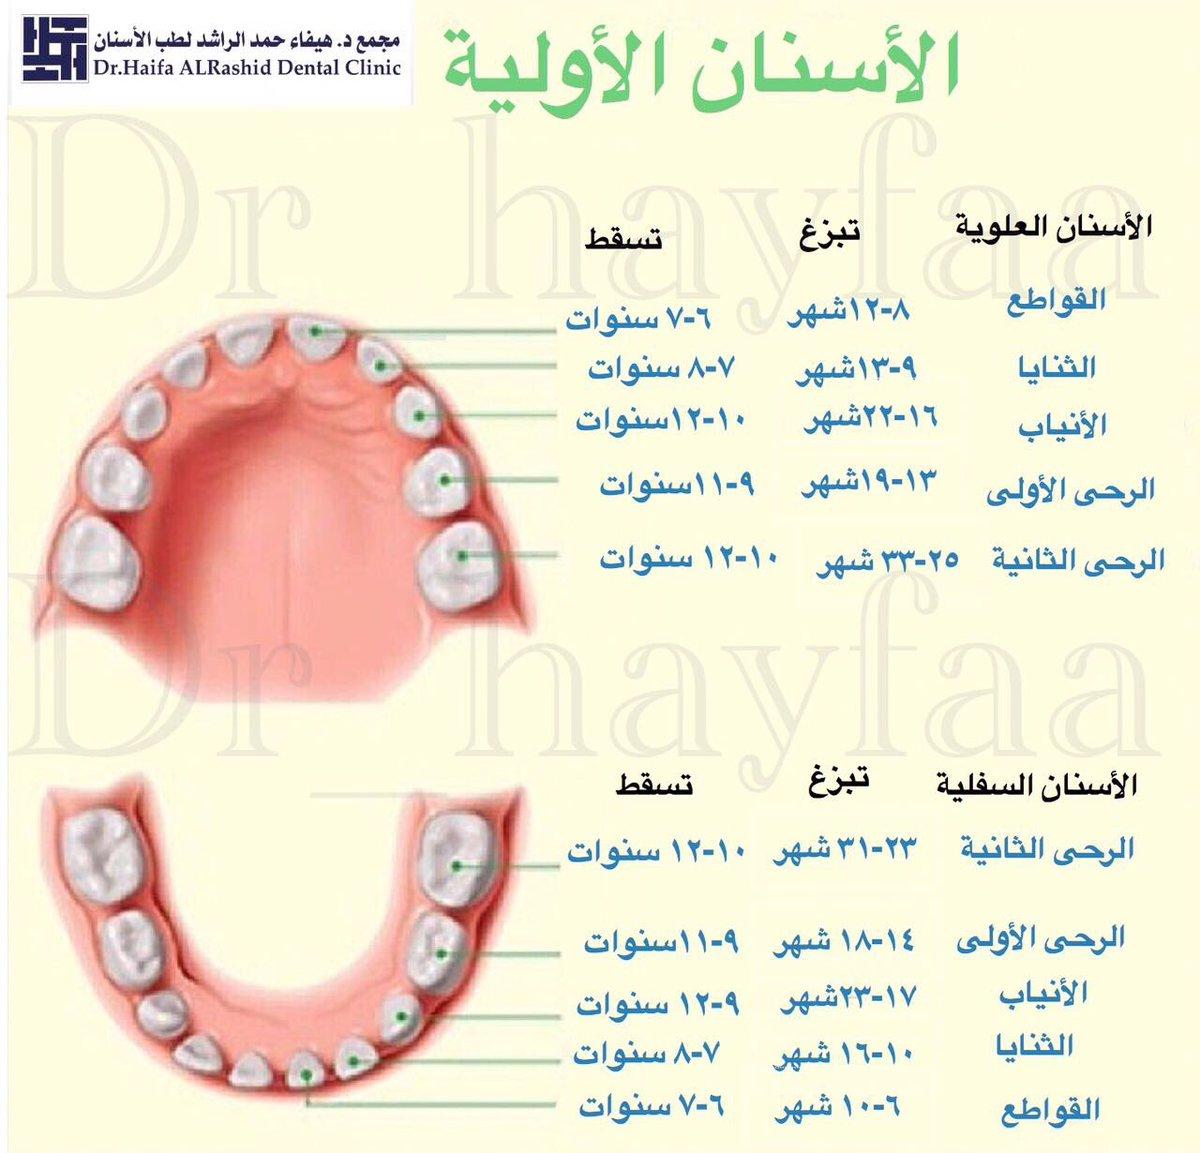 التعرف على النتيجة البحر الاسنان اللبنية Arkansawhogsauce Com